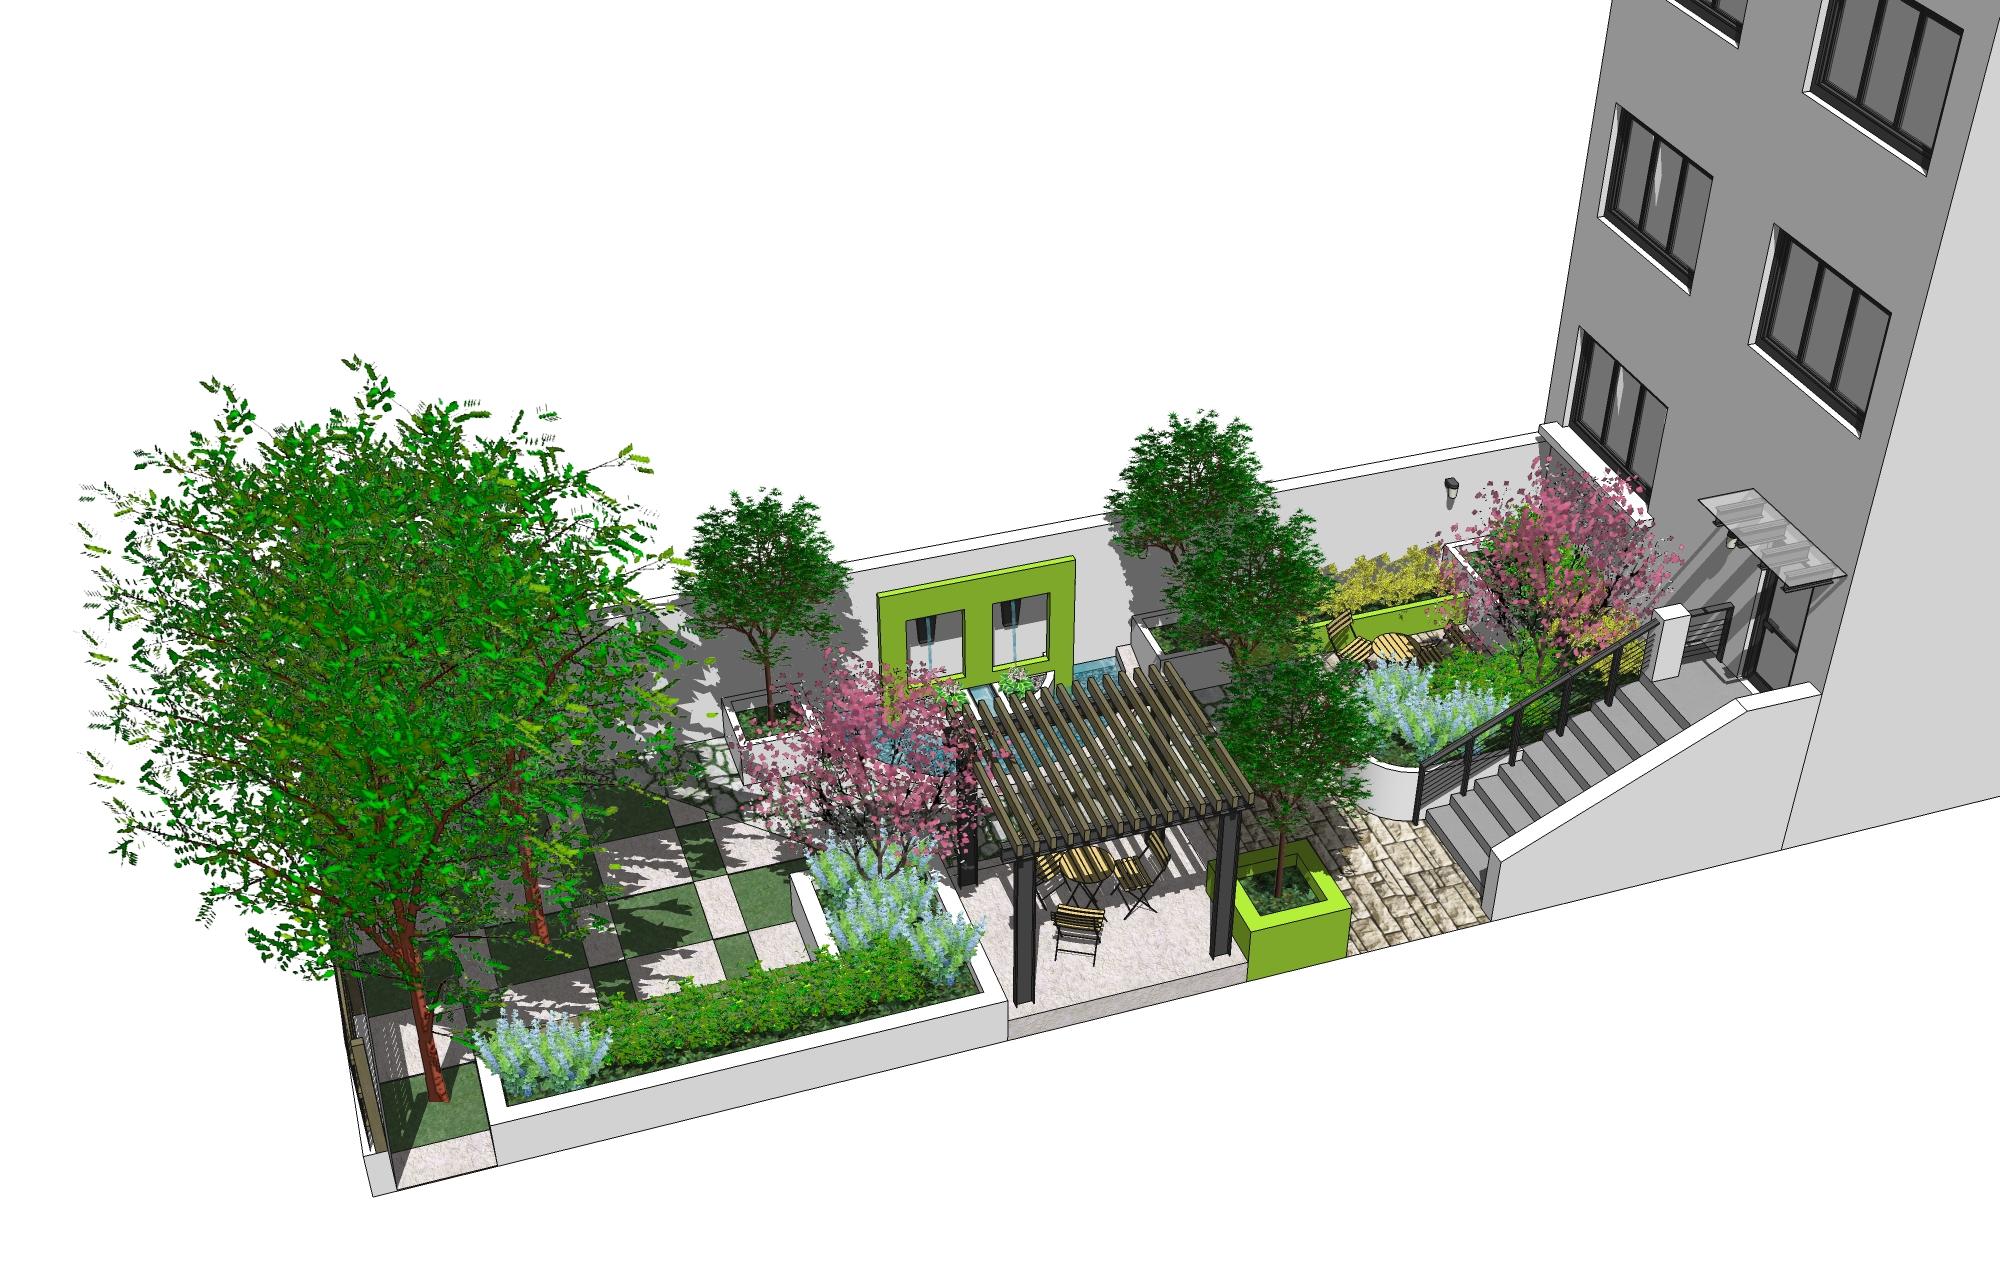 庭院设计鸟瞰图手绘